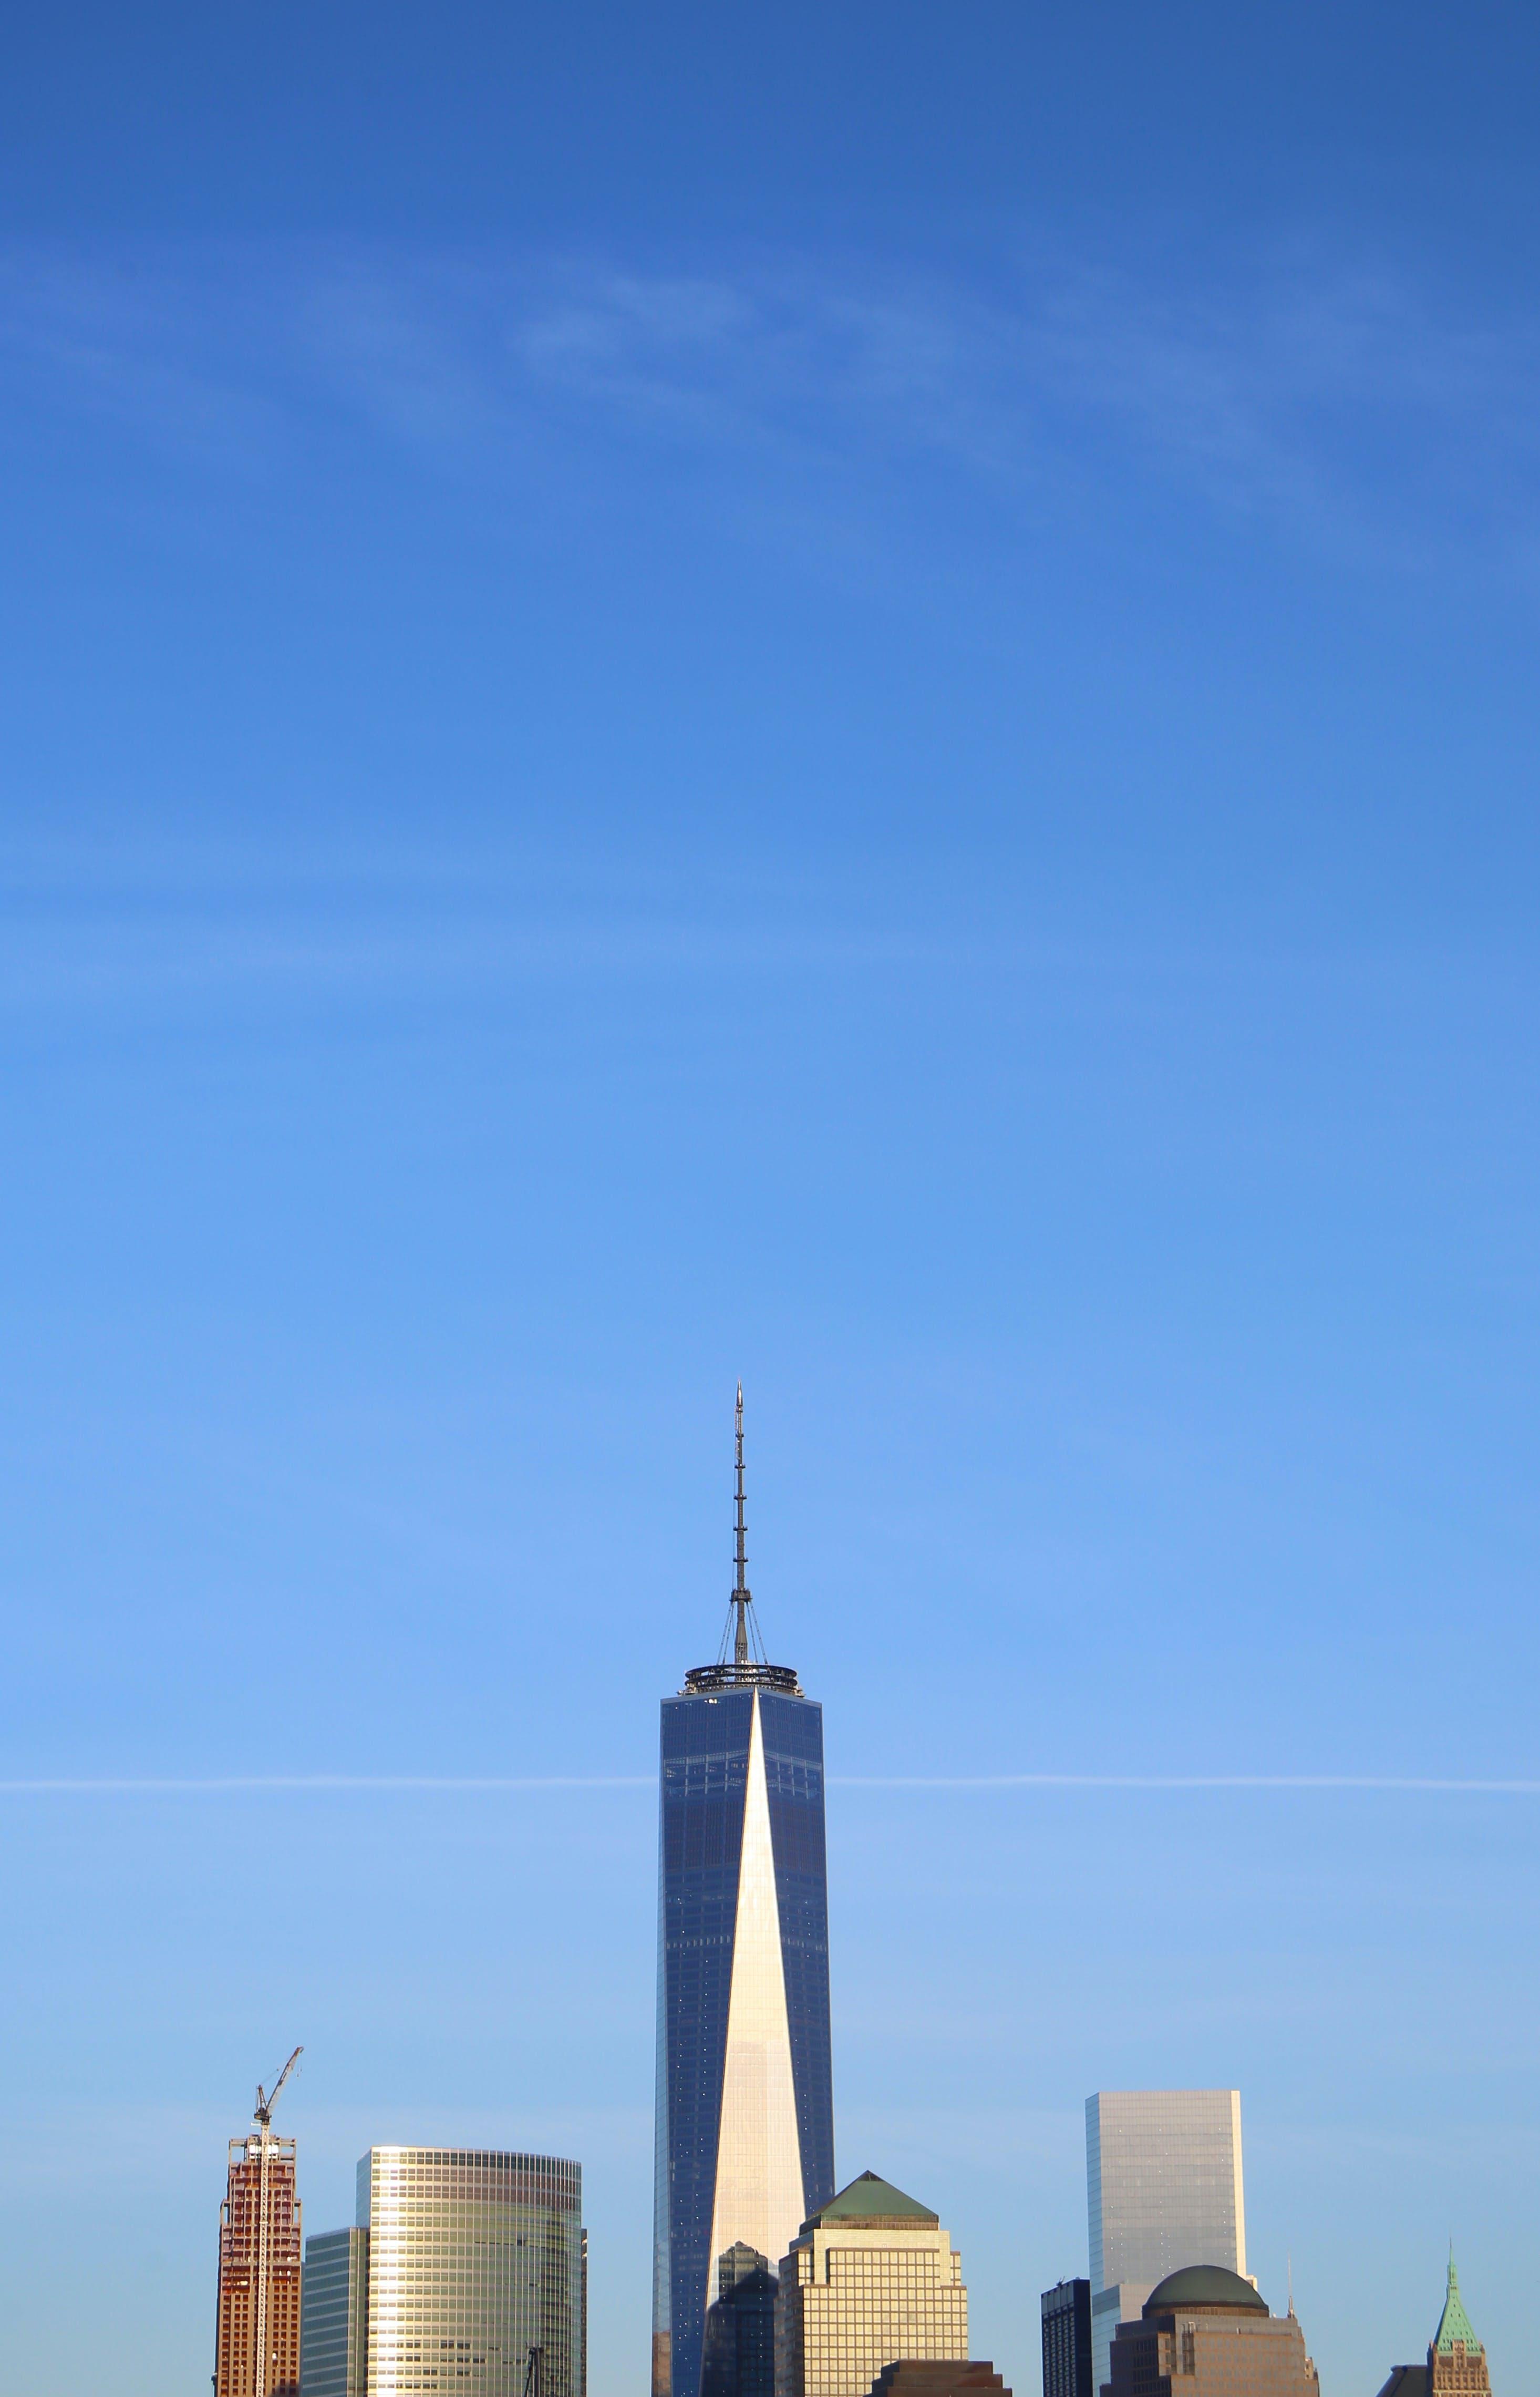 Бесплатное стоковое фото с башни, башня свободы, горизонт нью-йорка, манхэттен архитектура